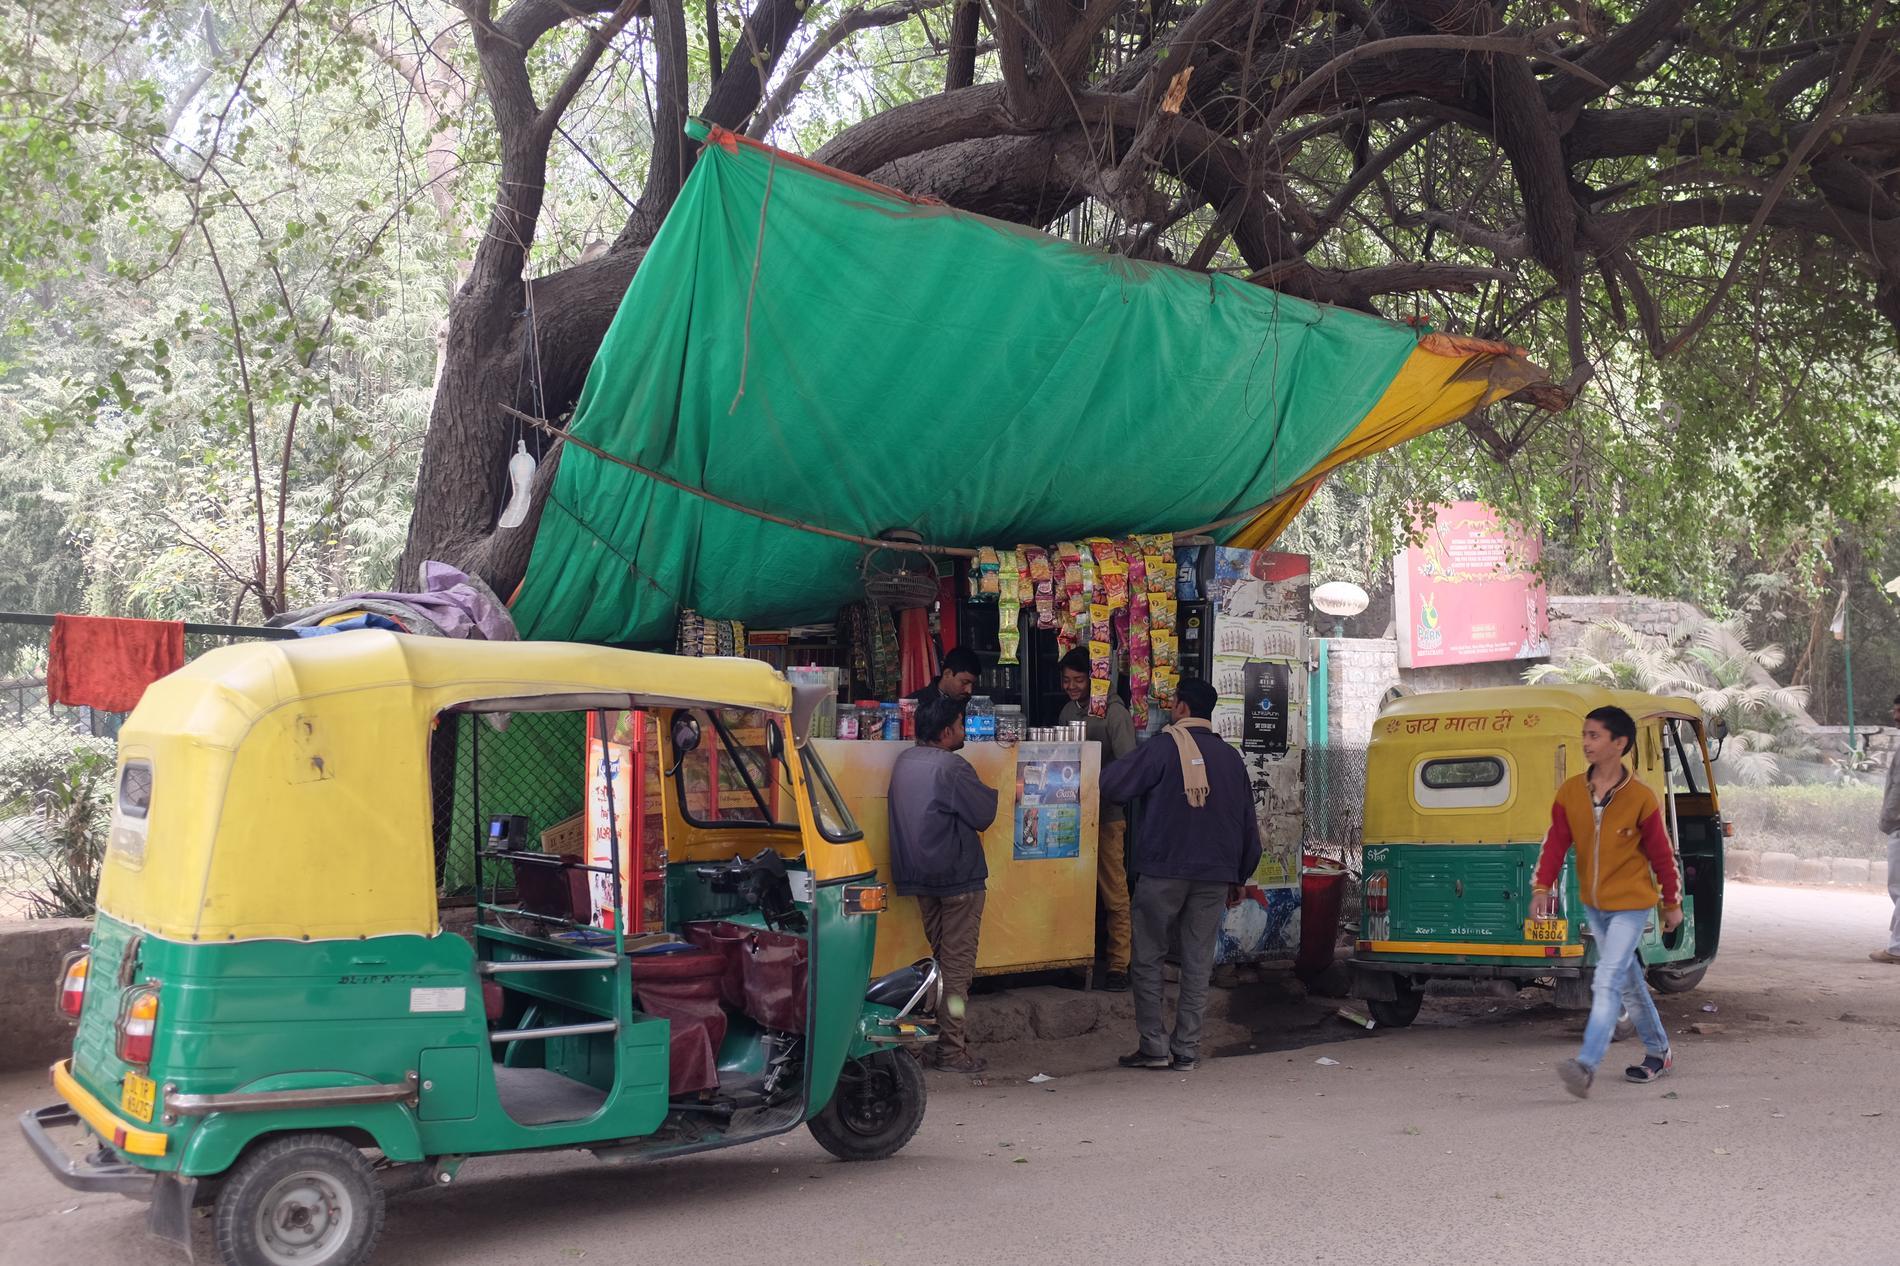 rencontres clubs à Delhi Christian d/s datant